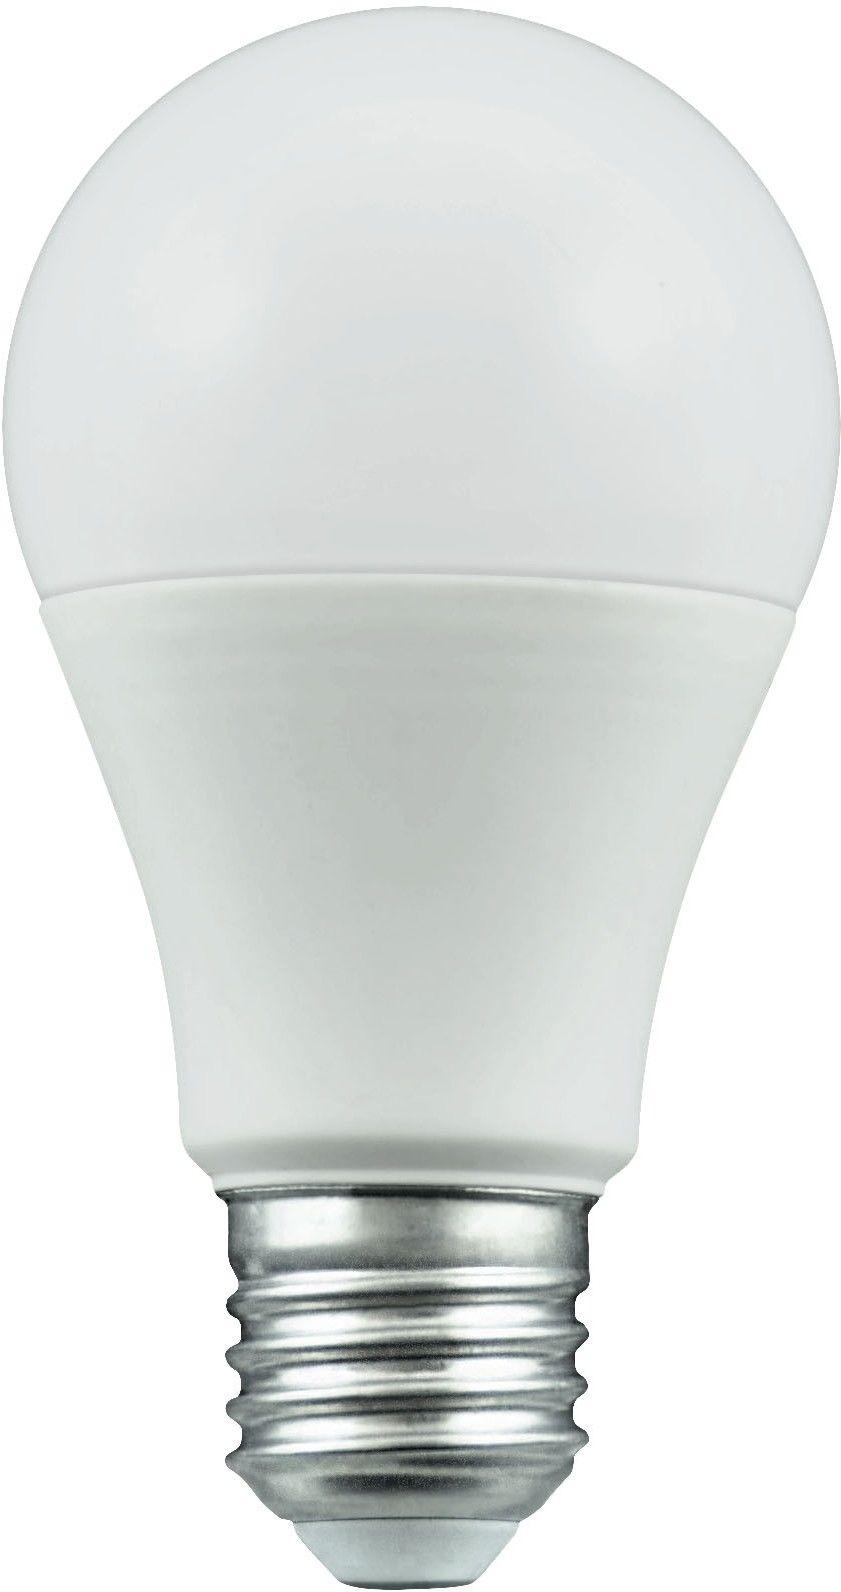 Żarówka POLUX LED 10W gwint E27 810lm neutralna barwa światła 312150 POLUX/SANICO- wysyłka 24h (na stanie 6 sztuk)